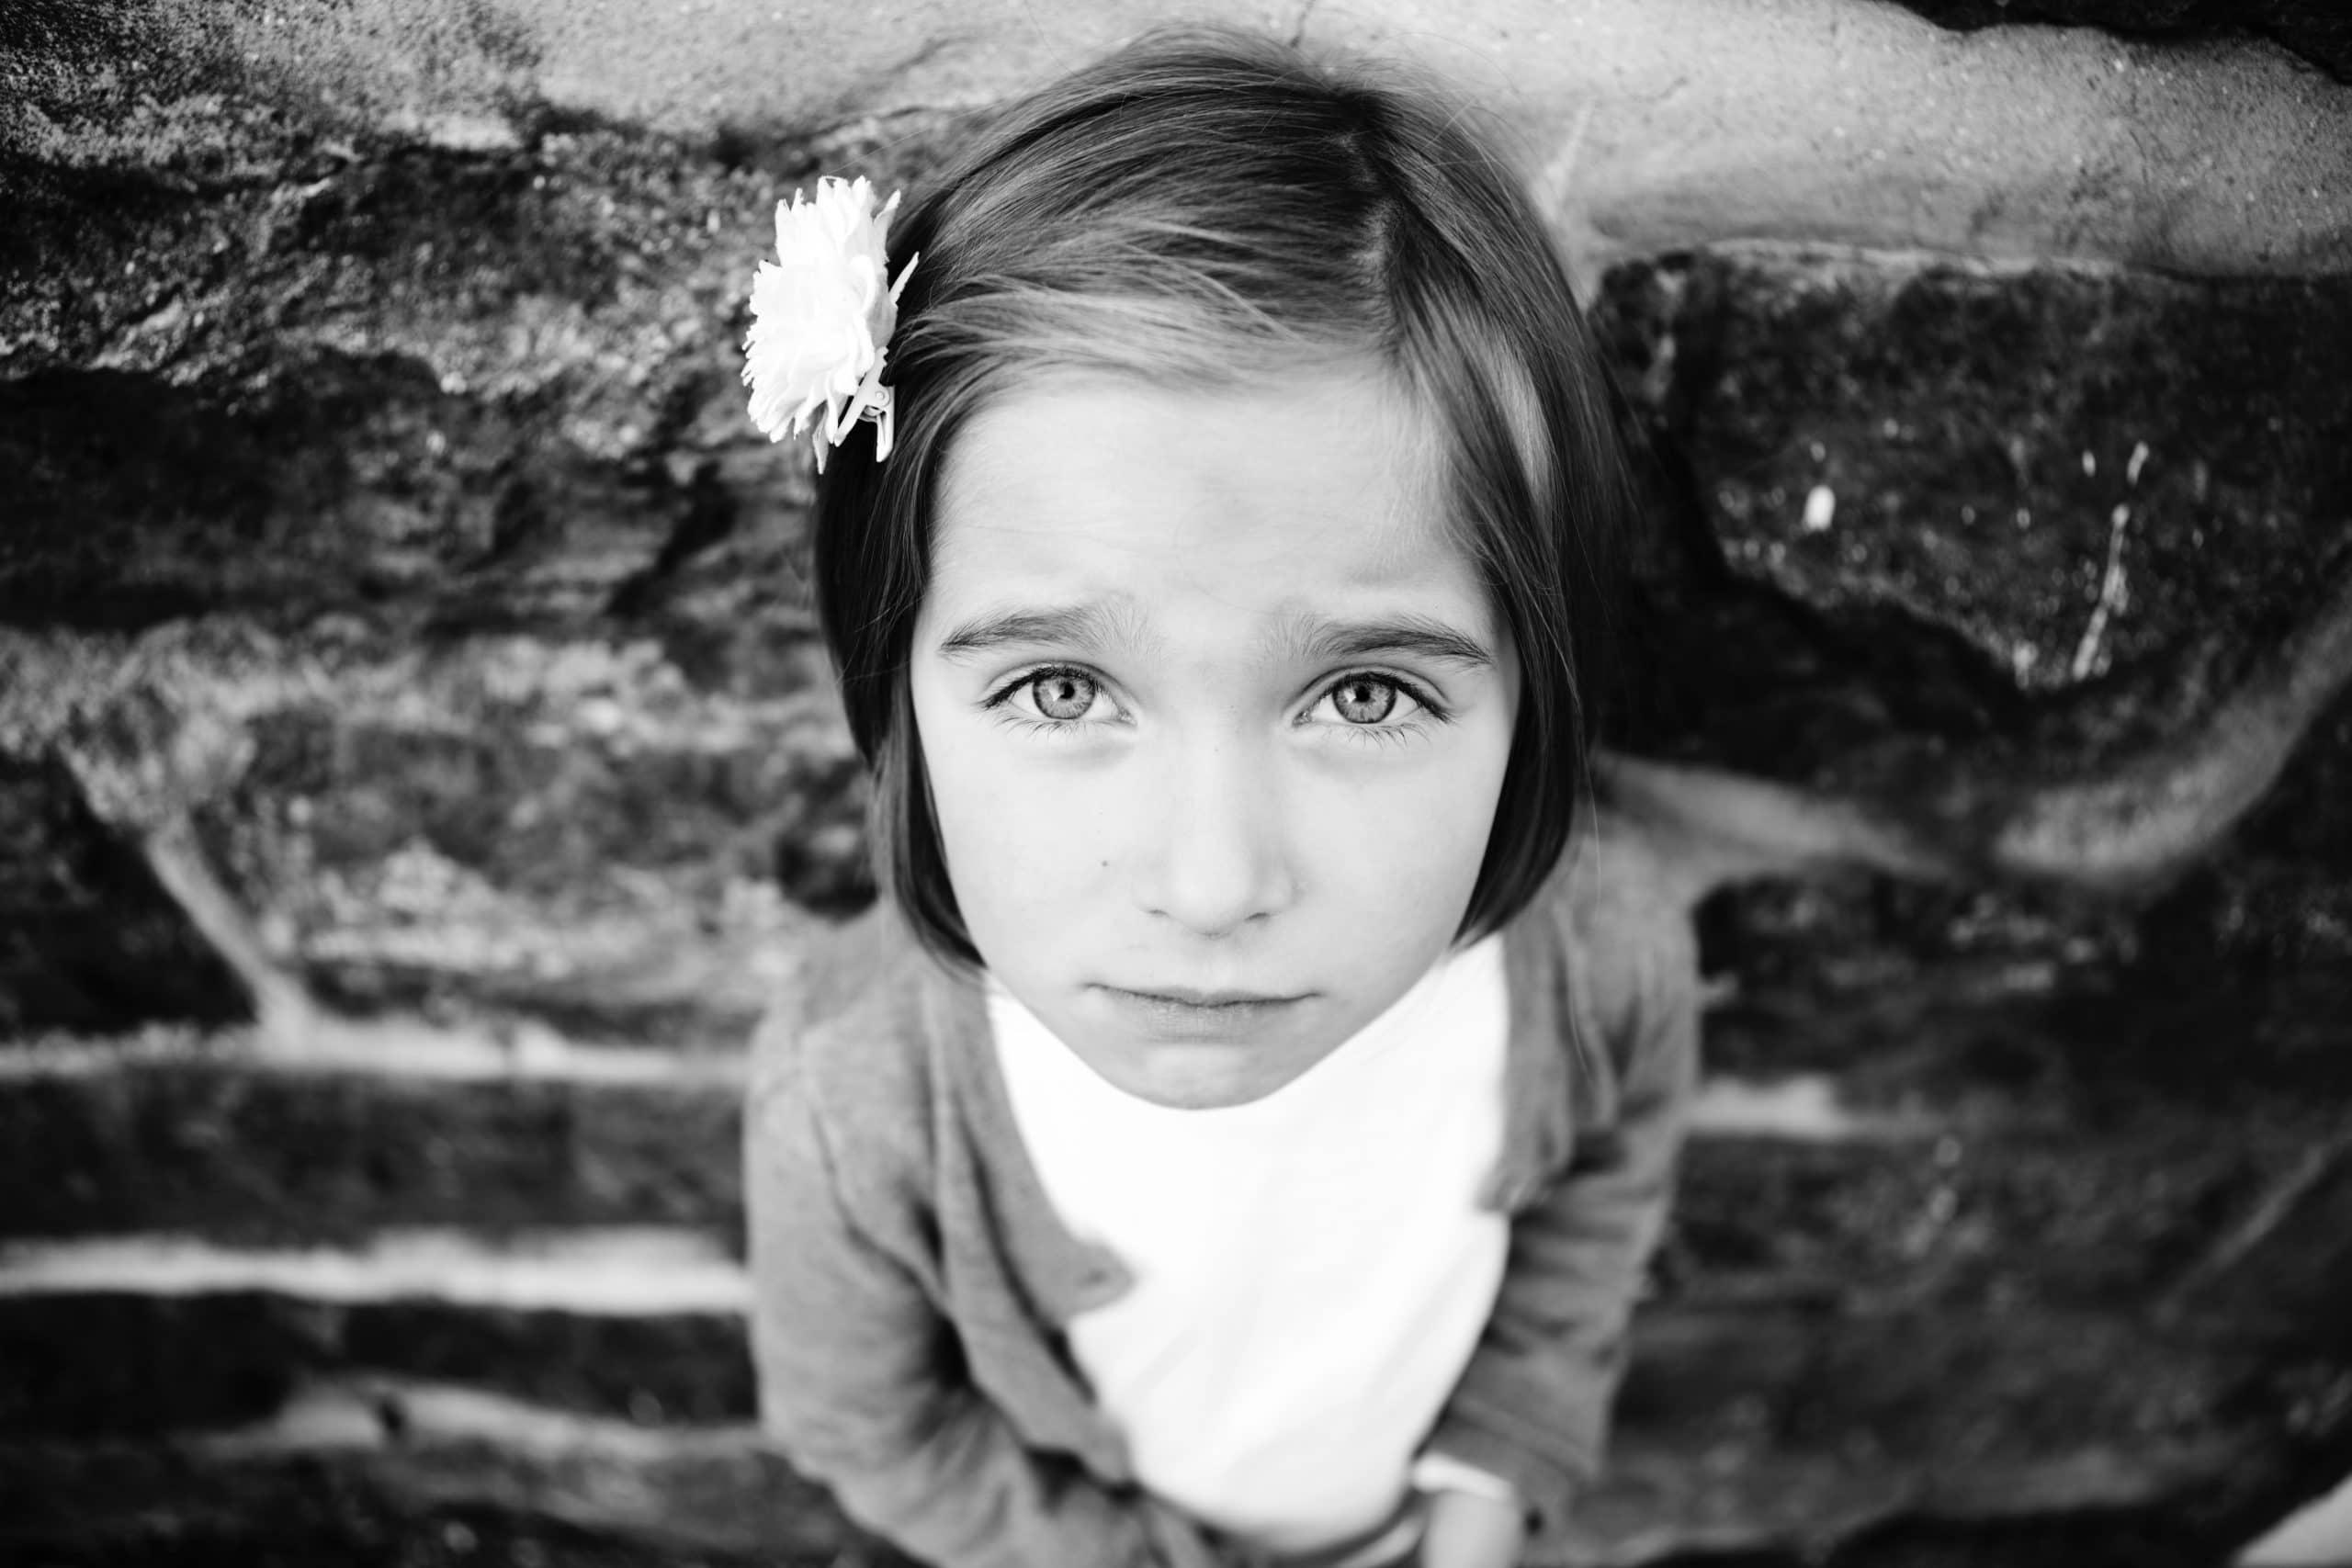 Menina vista de cima olhando para cima com rosto chateado